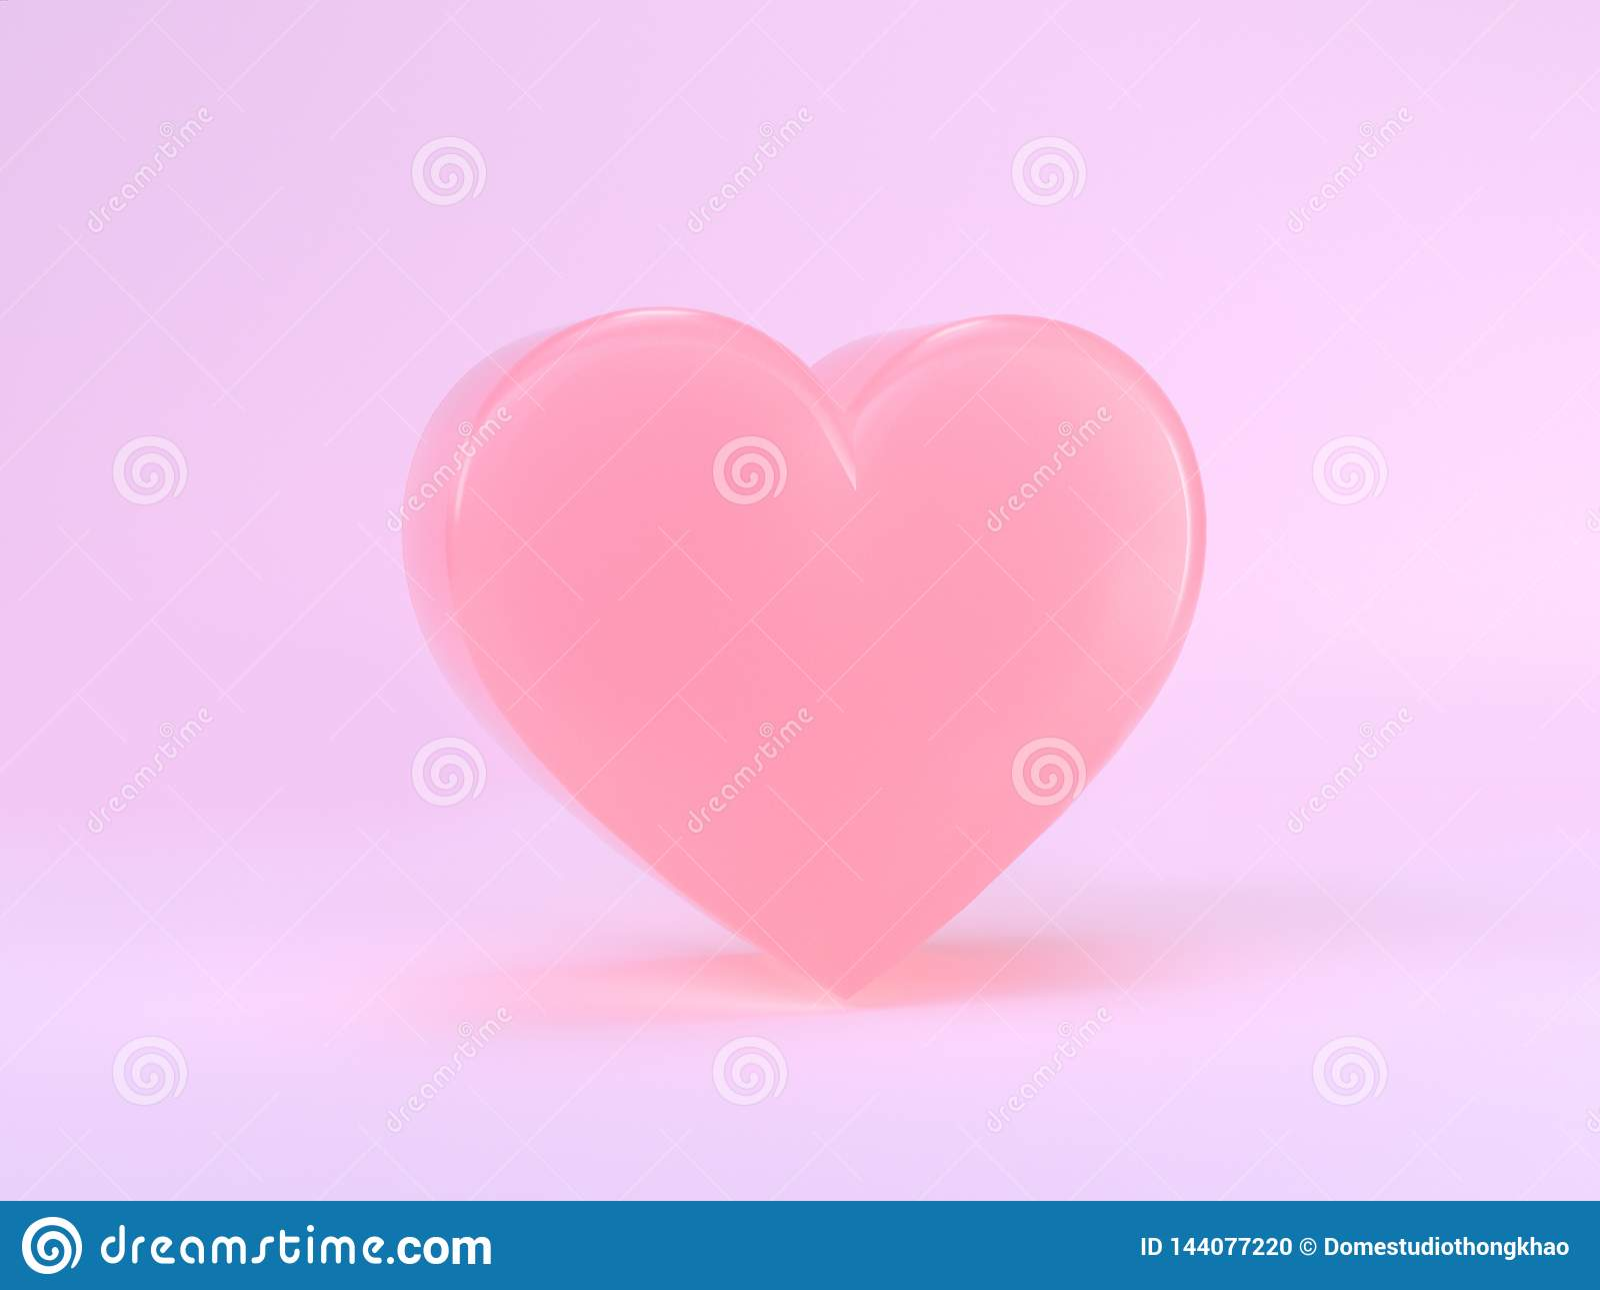 Forma lucida 3d del cuore di scena dei semi minimi variopinti pastelli di rosa che rende concetto romanzesco del biglietto di S.